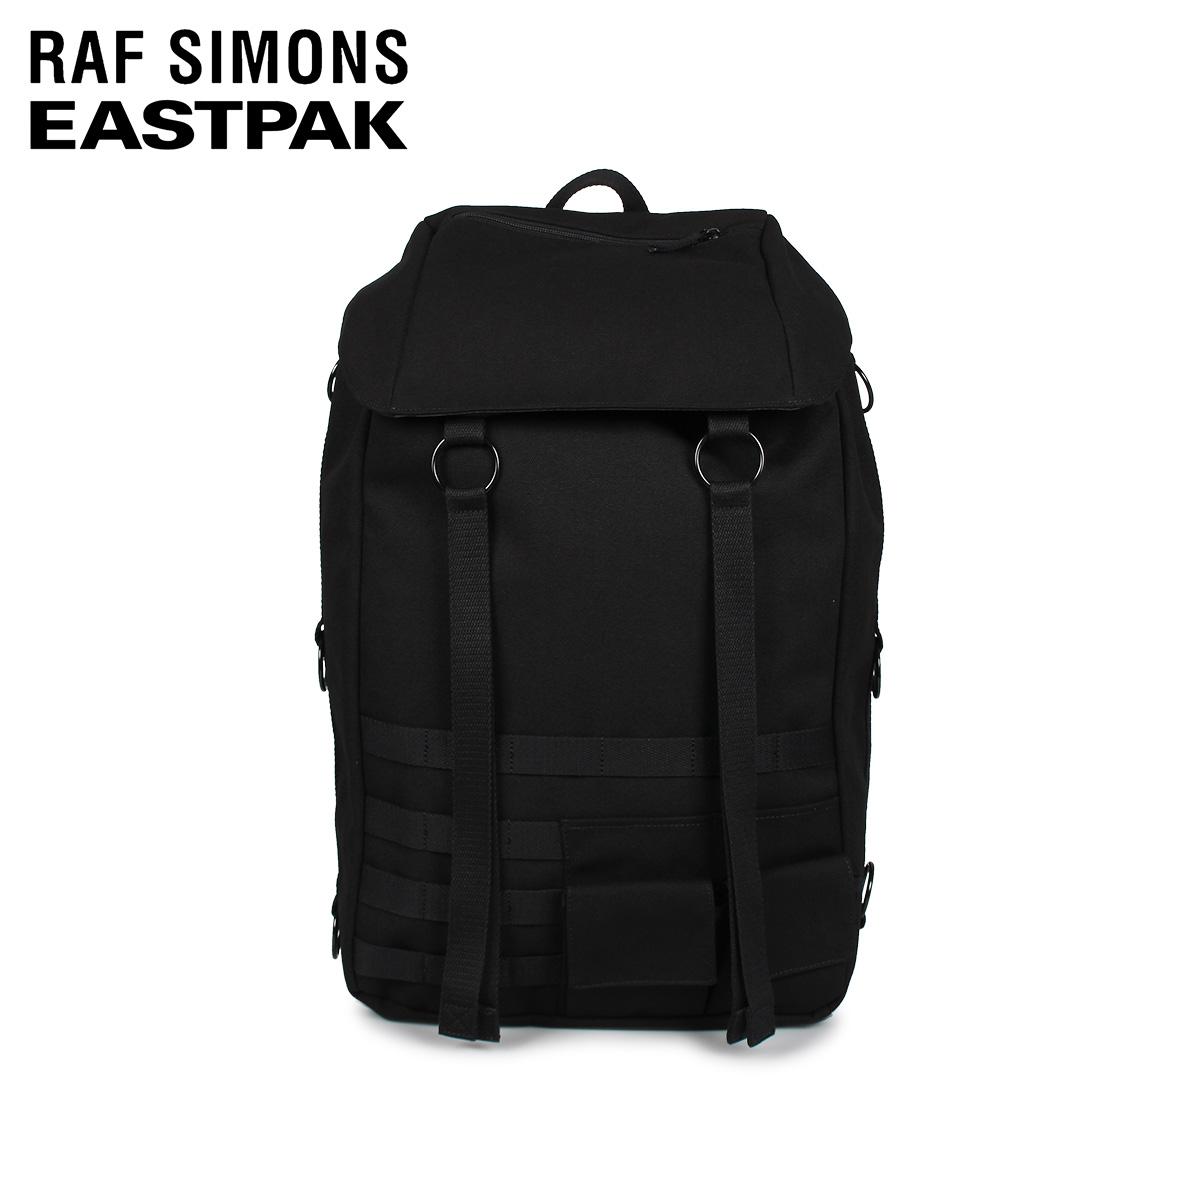 RAF SIMONS EASTPAK TOPLOAD L LOOP ラフシモンズ イーストパック リュック バッグ バックパック トップロード メンズ レディース 42.5L コラボ ブラック 黒 EK93E